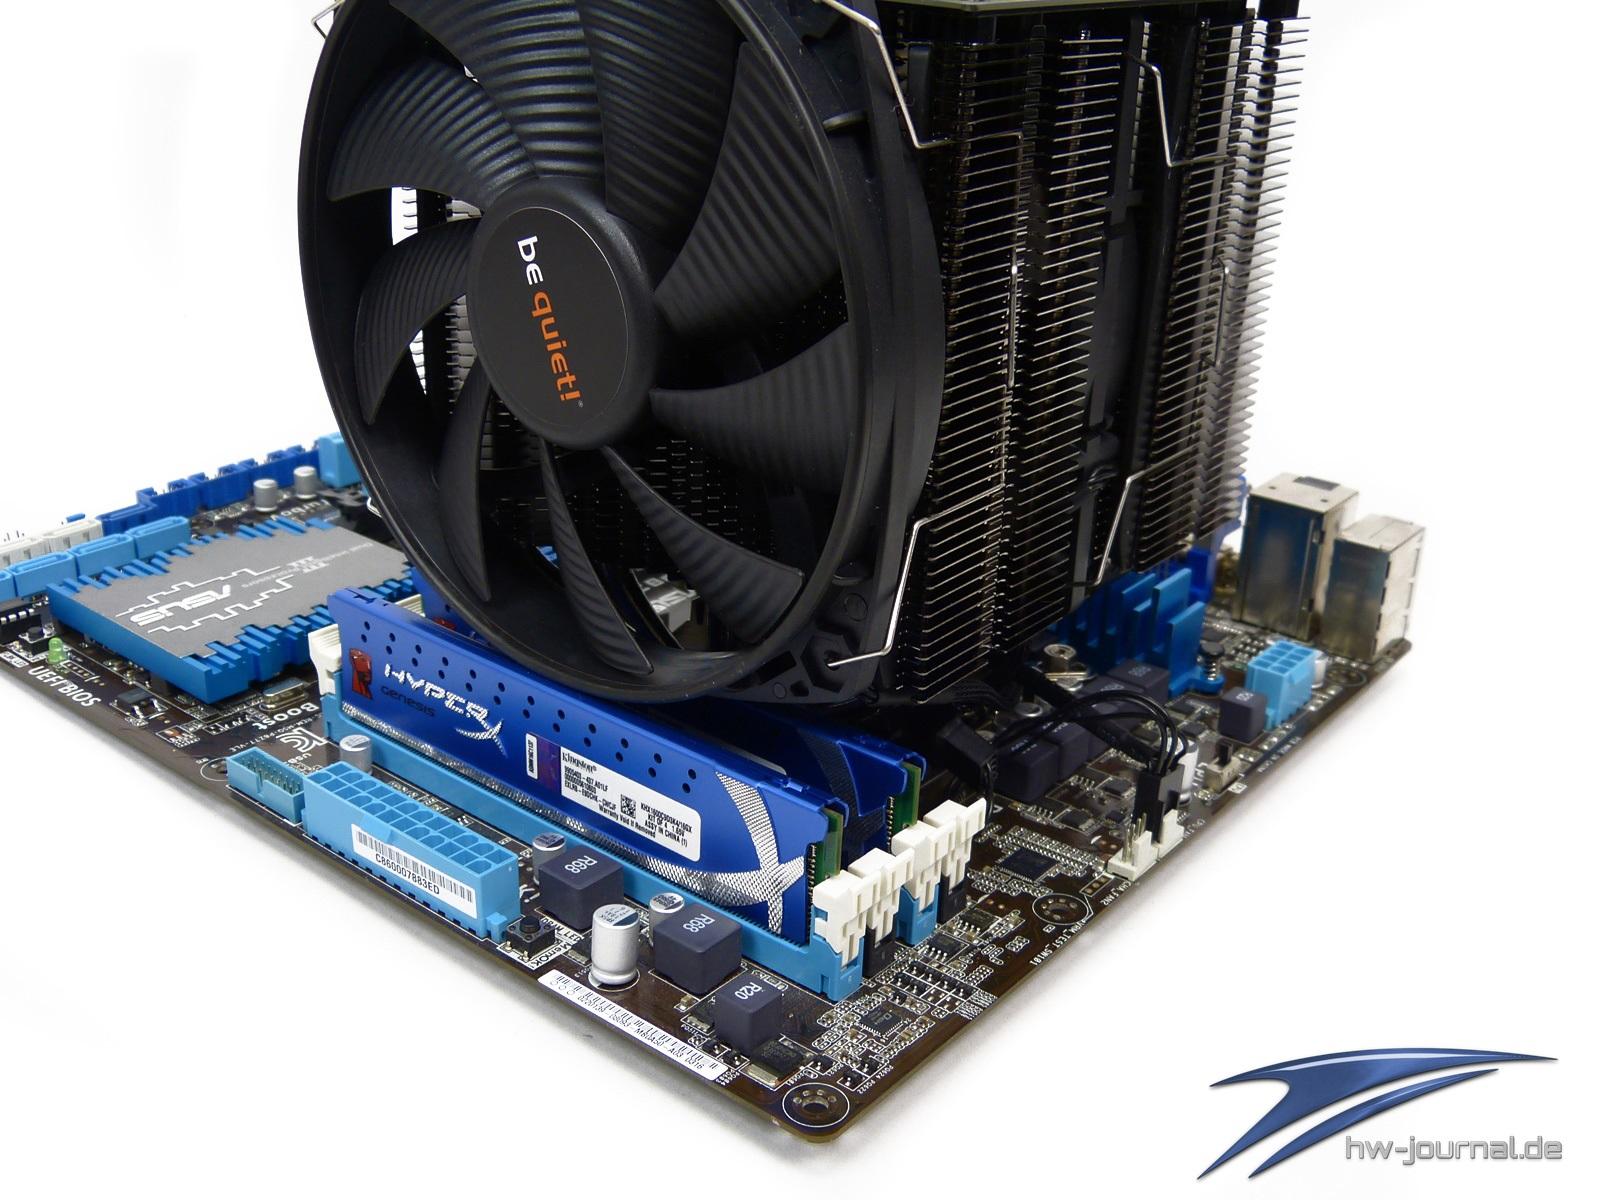 Roundup: 8x Tower CPU-Kühler im XXL-Test - Hardware-Journal